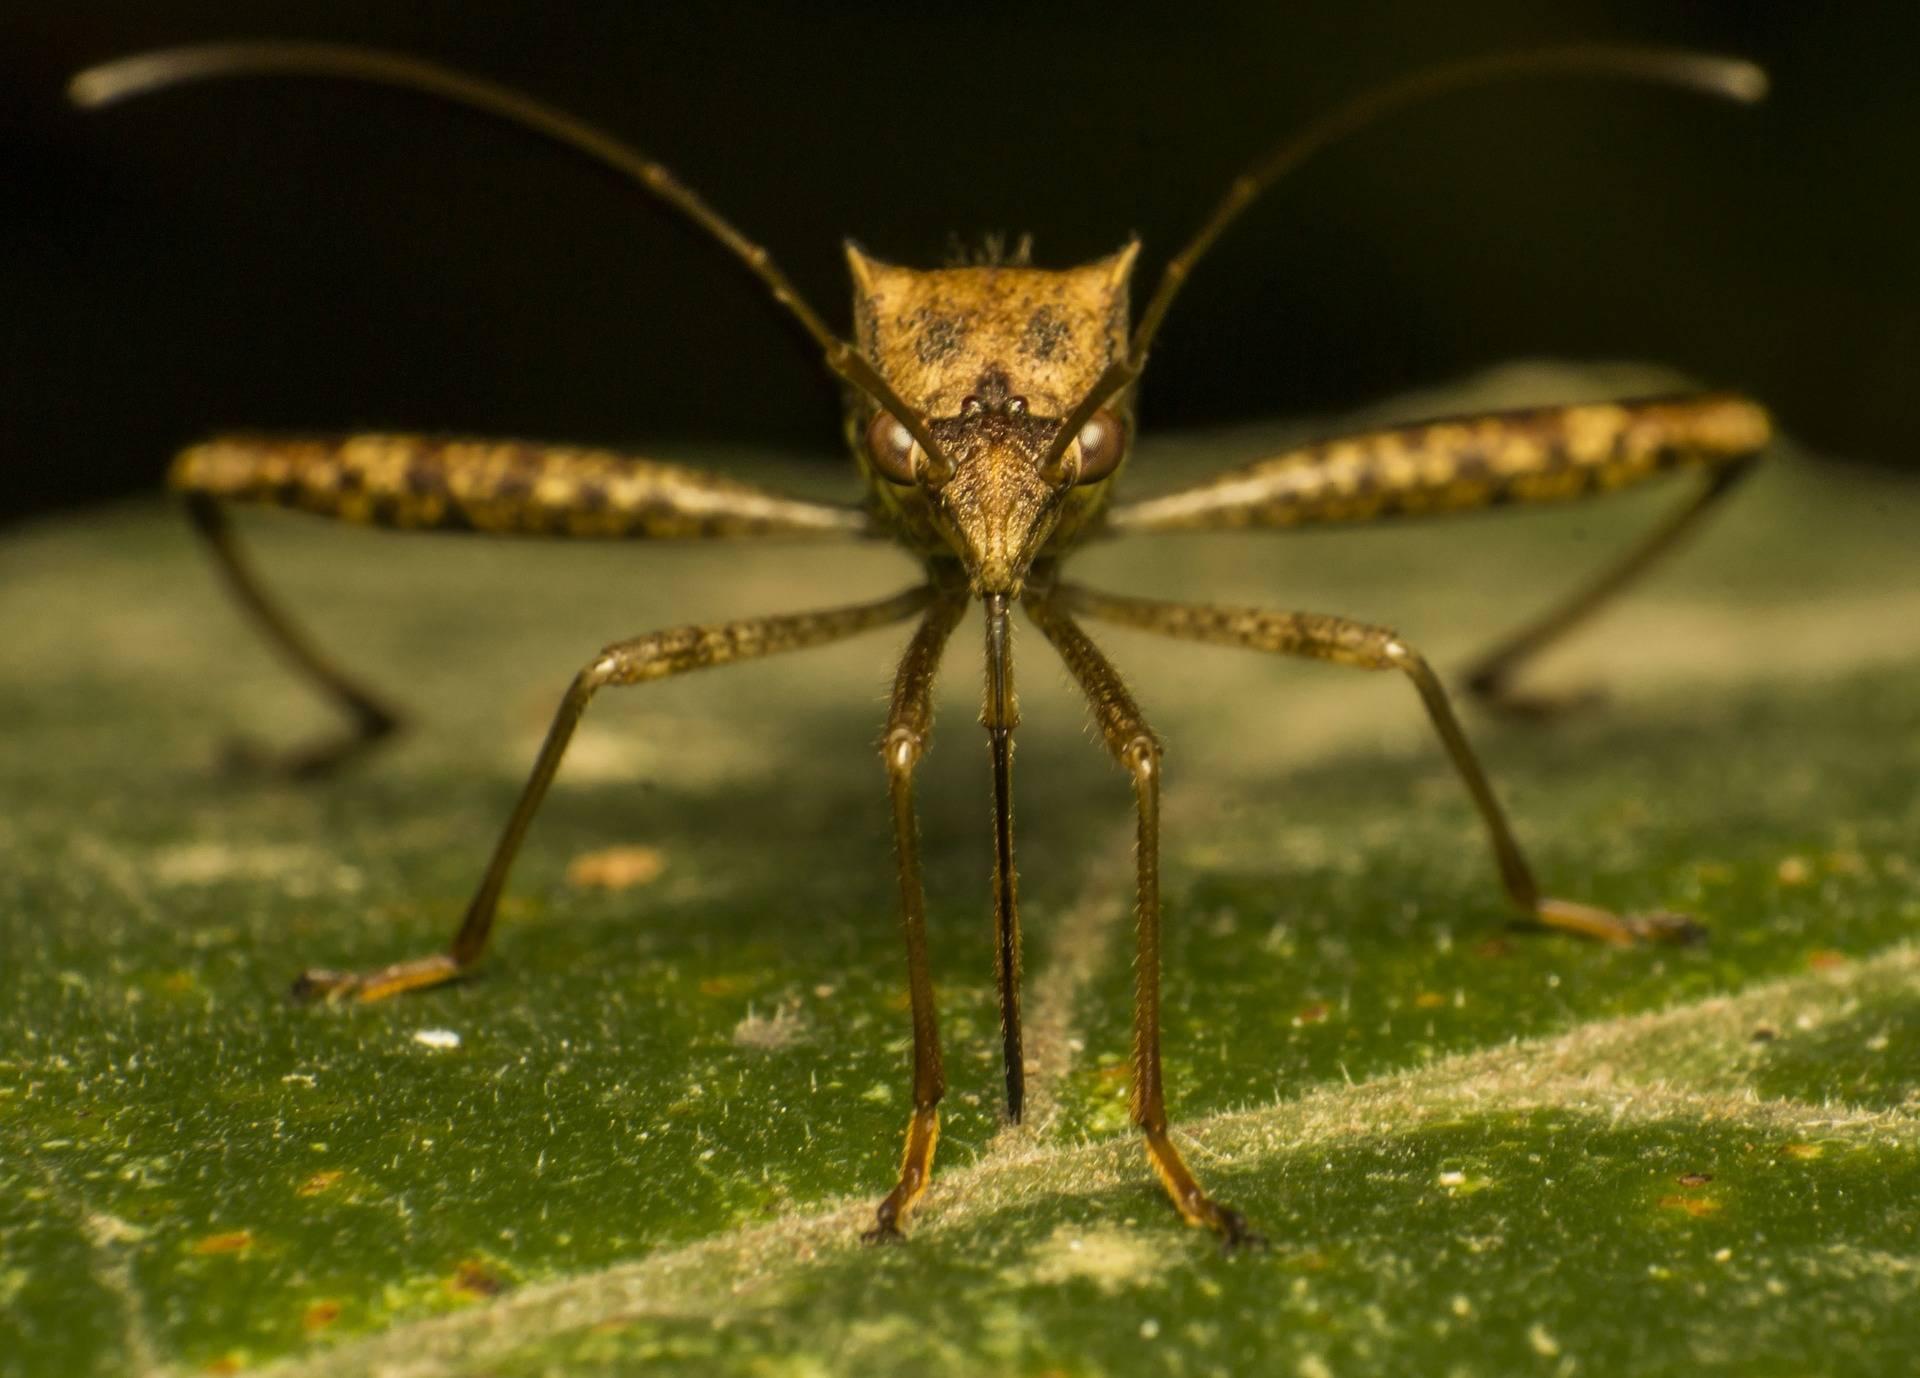 Чем помазать укусы комаров, чтобы не чесались и заживали